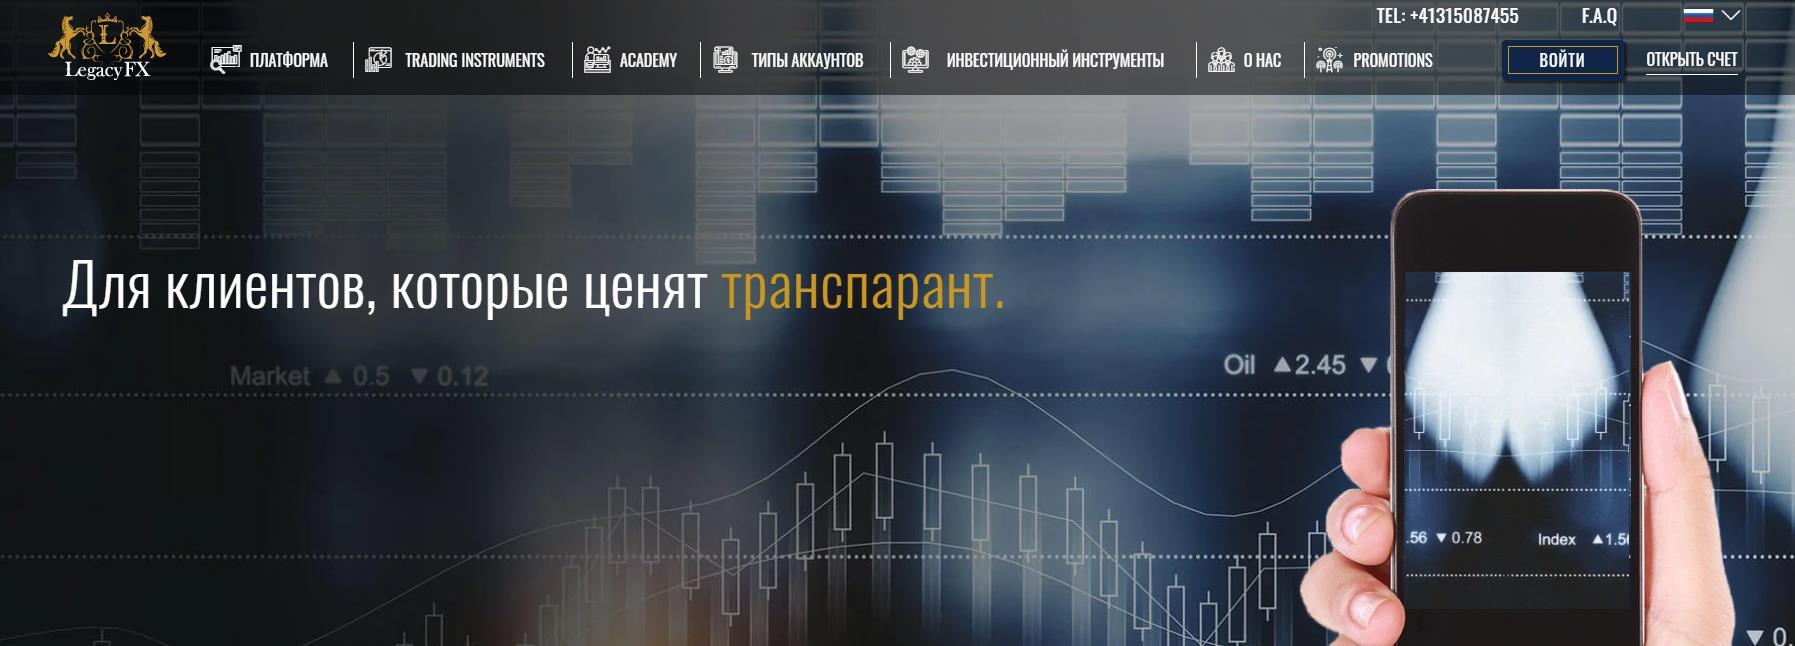 обзор компании legacyfx